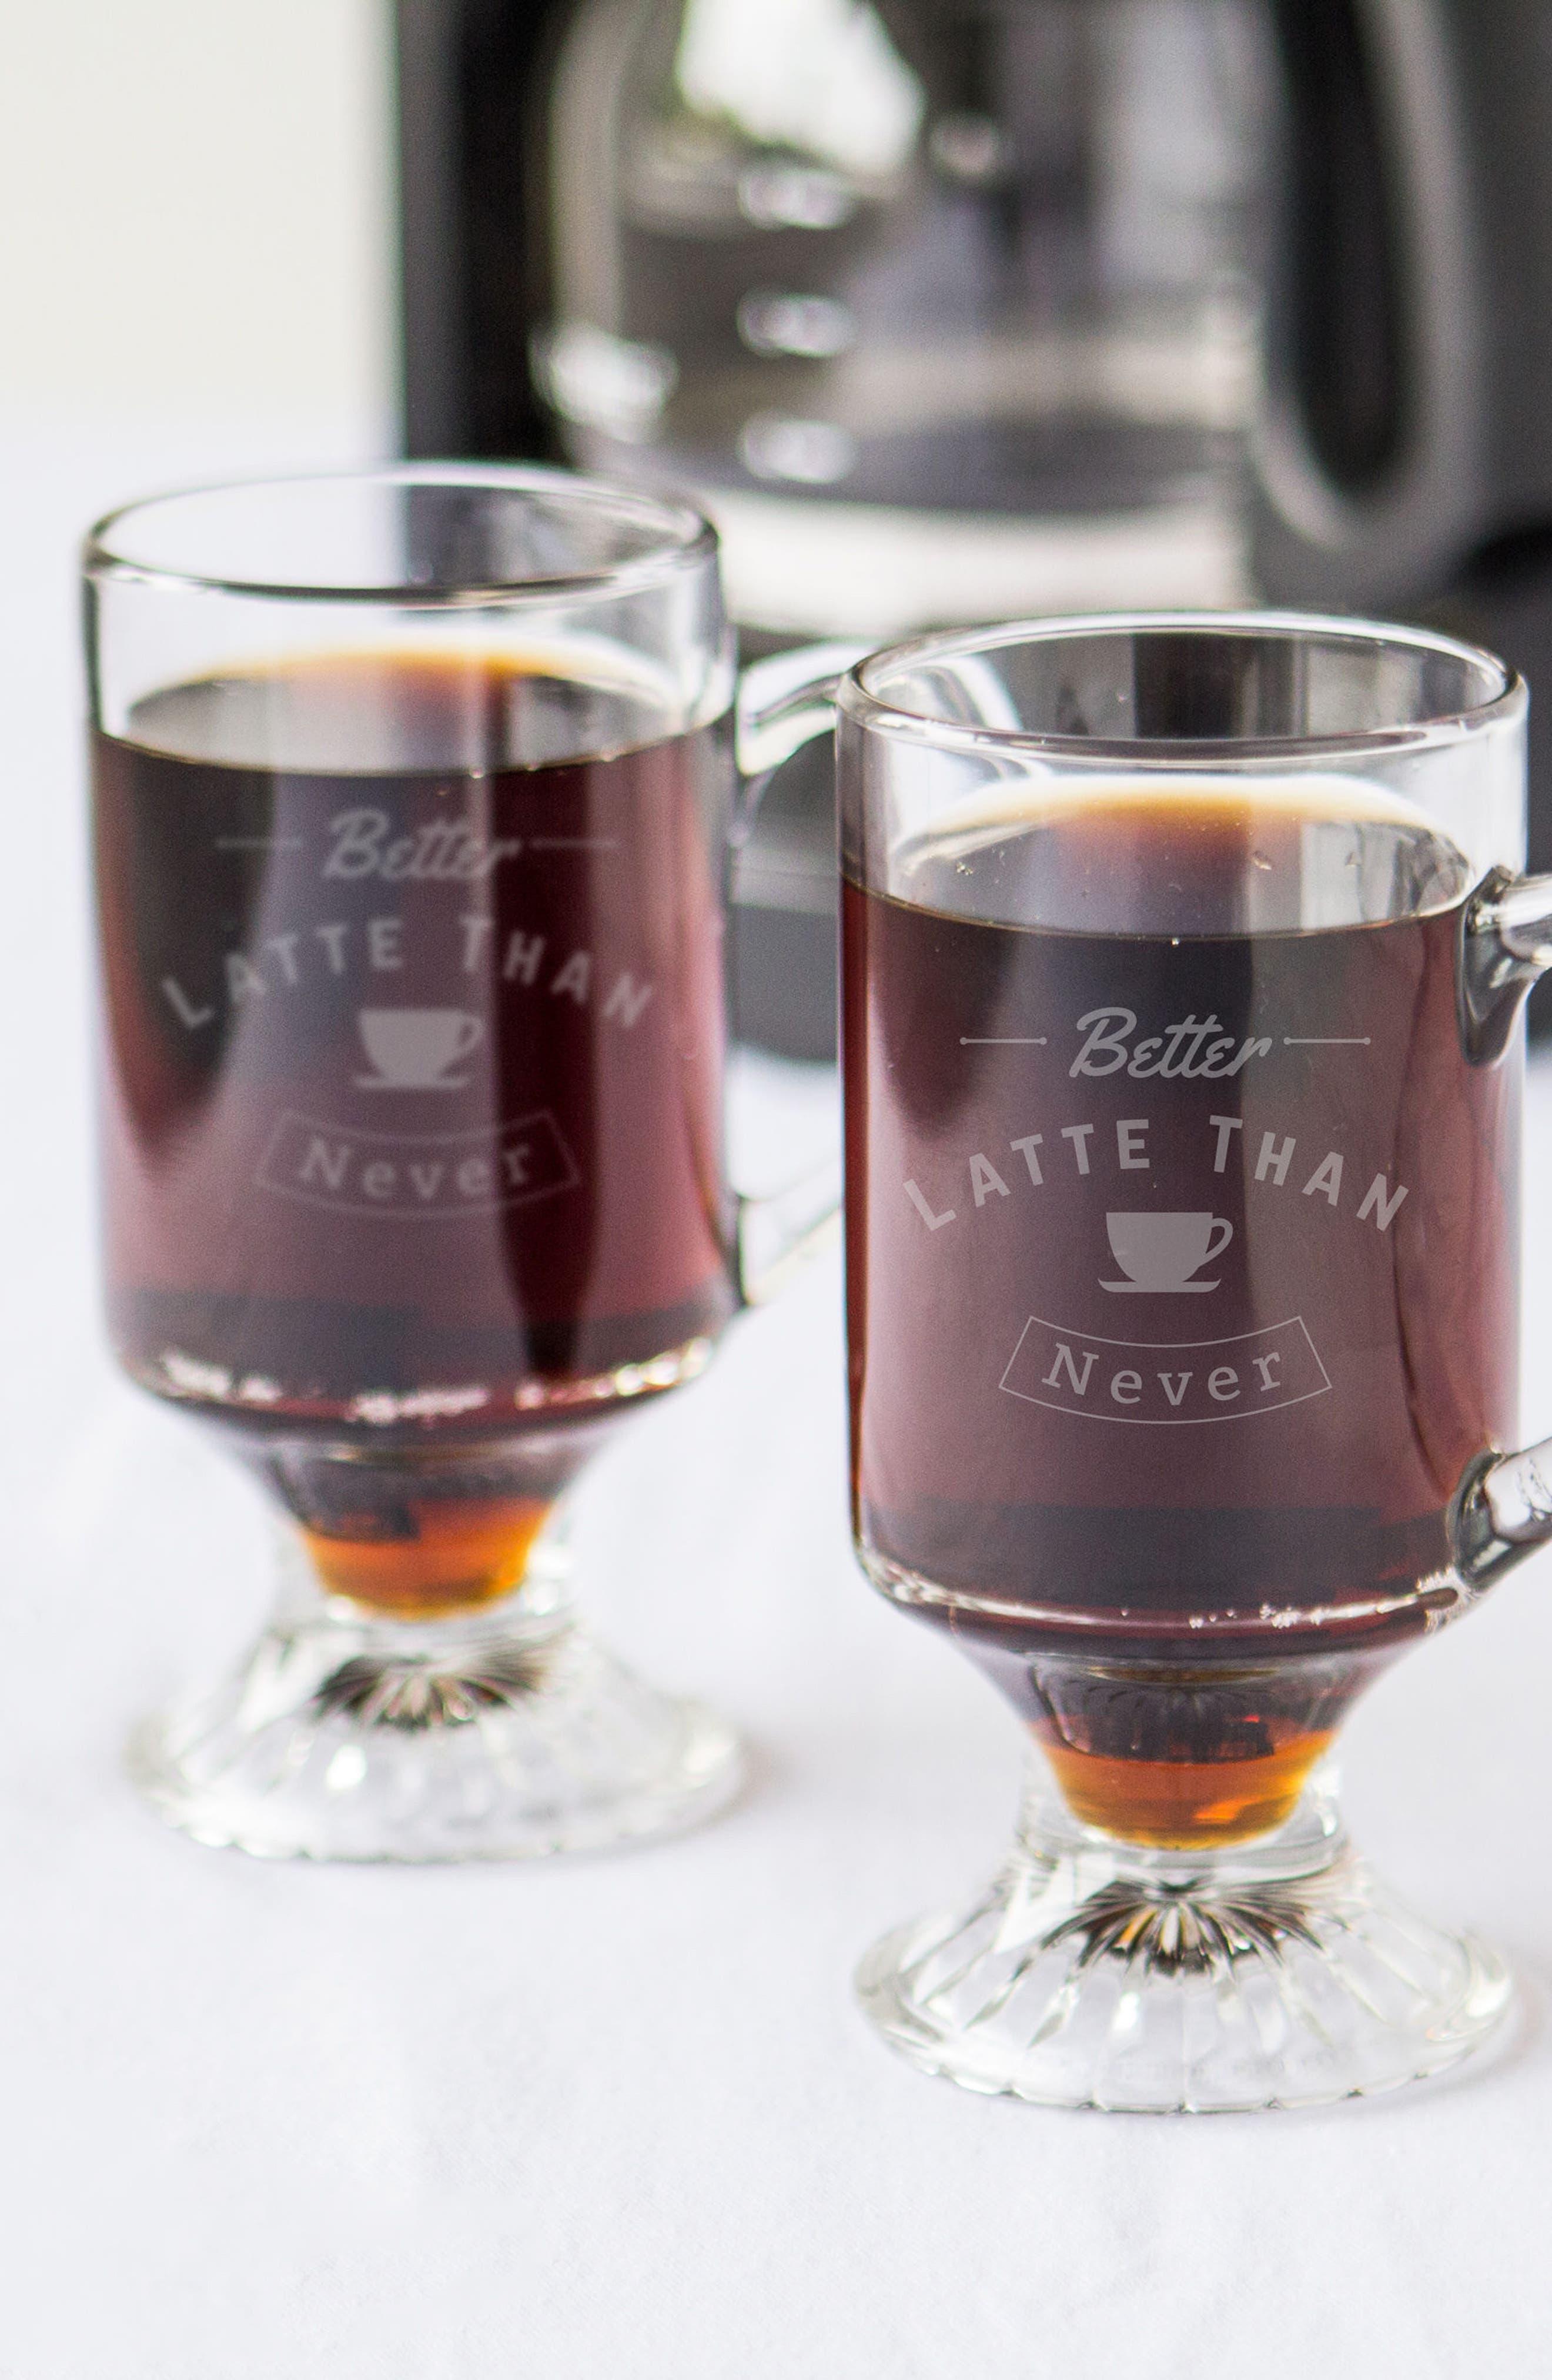 Better Latte Than Never Set of 4 Glass Mugs,                             Alternate thumbnail 4, color,                             100